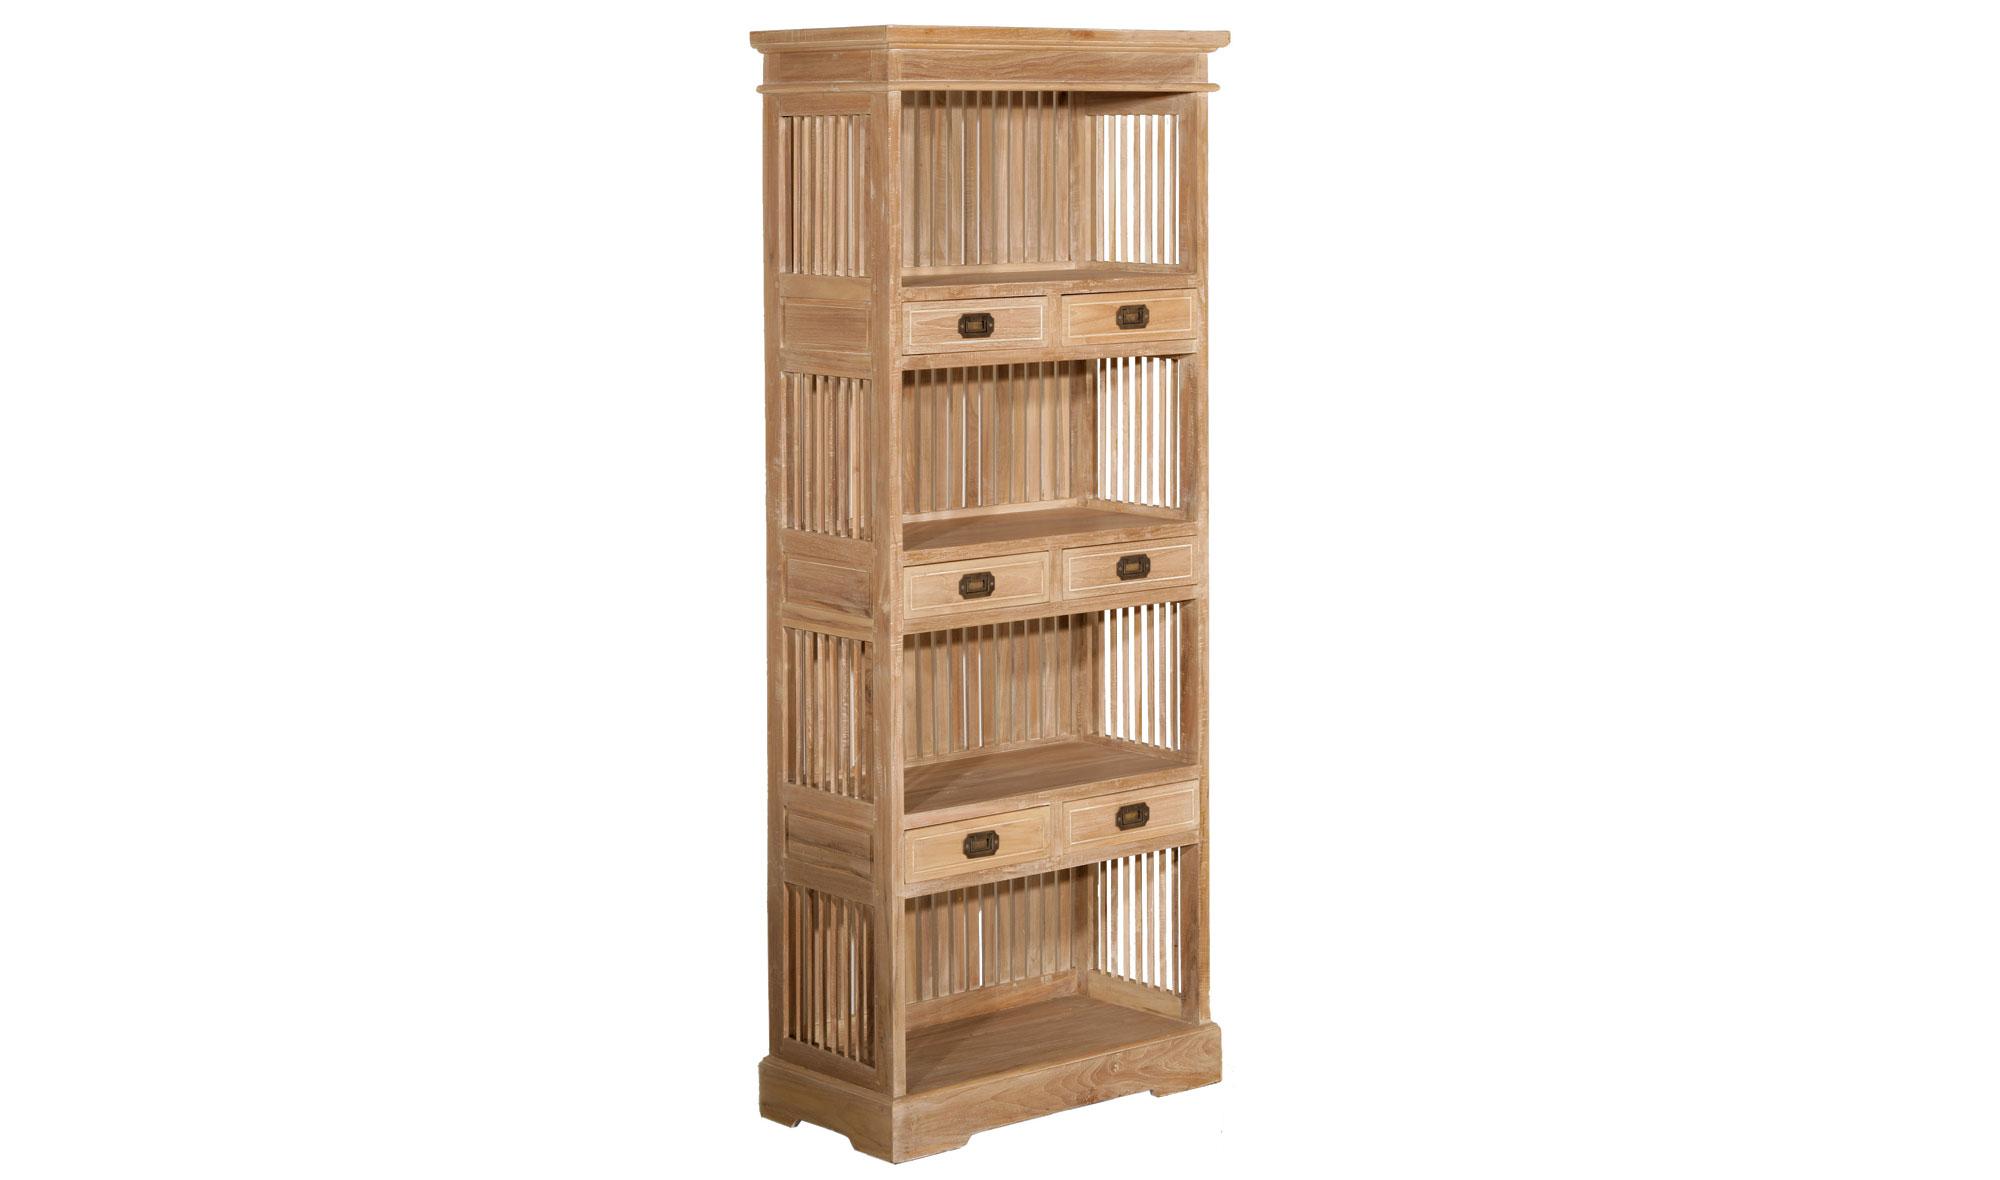 Librería 6 cajones colonial madera lavada disponibles en nuestra web